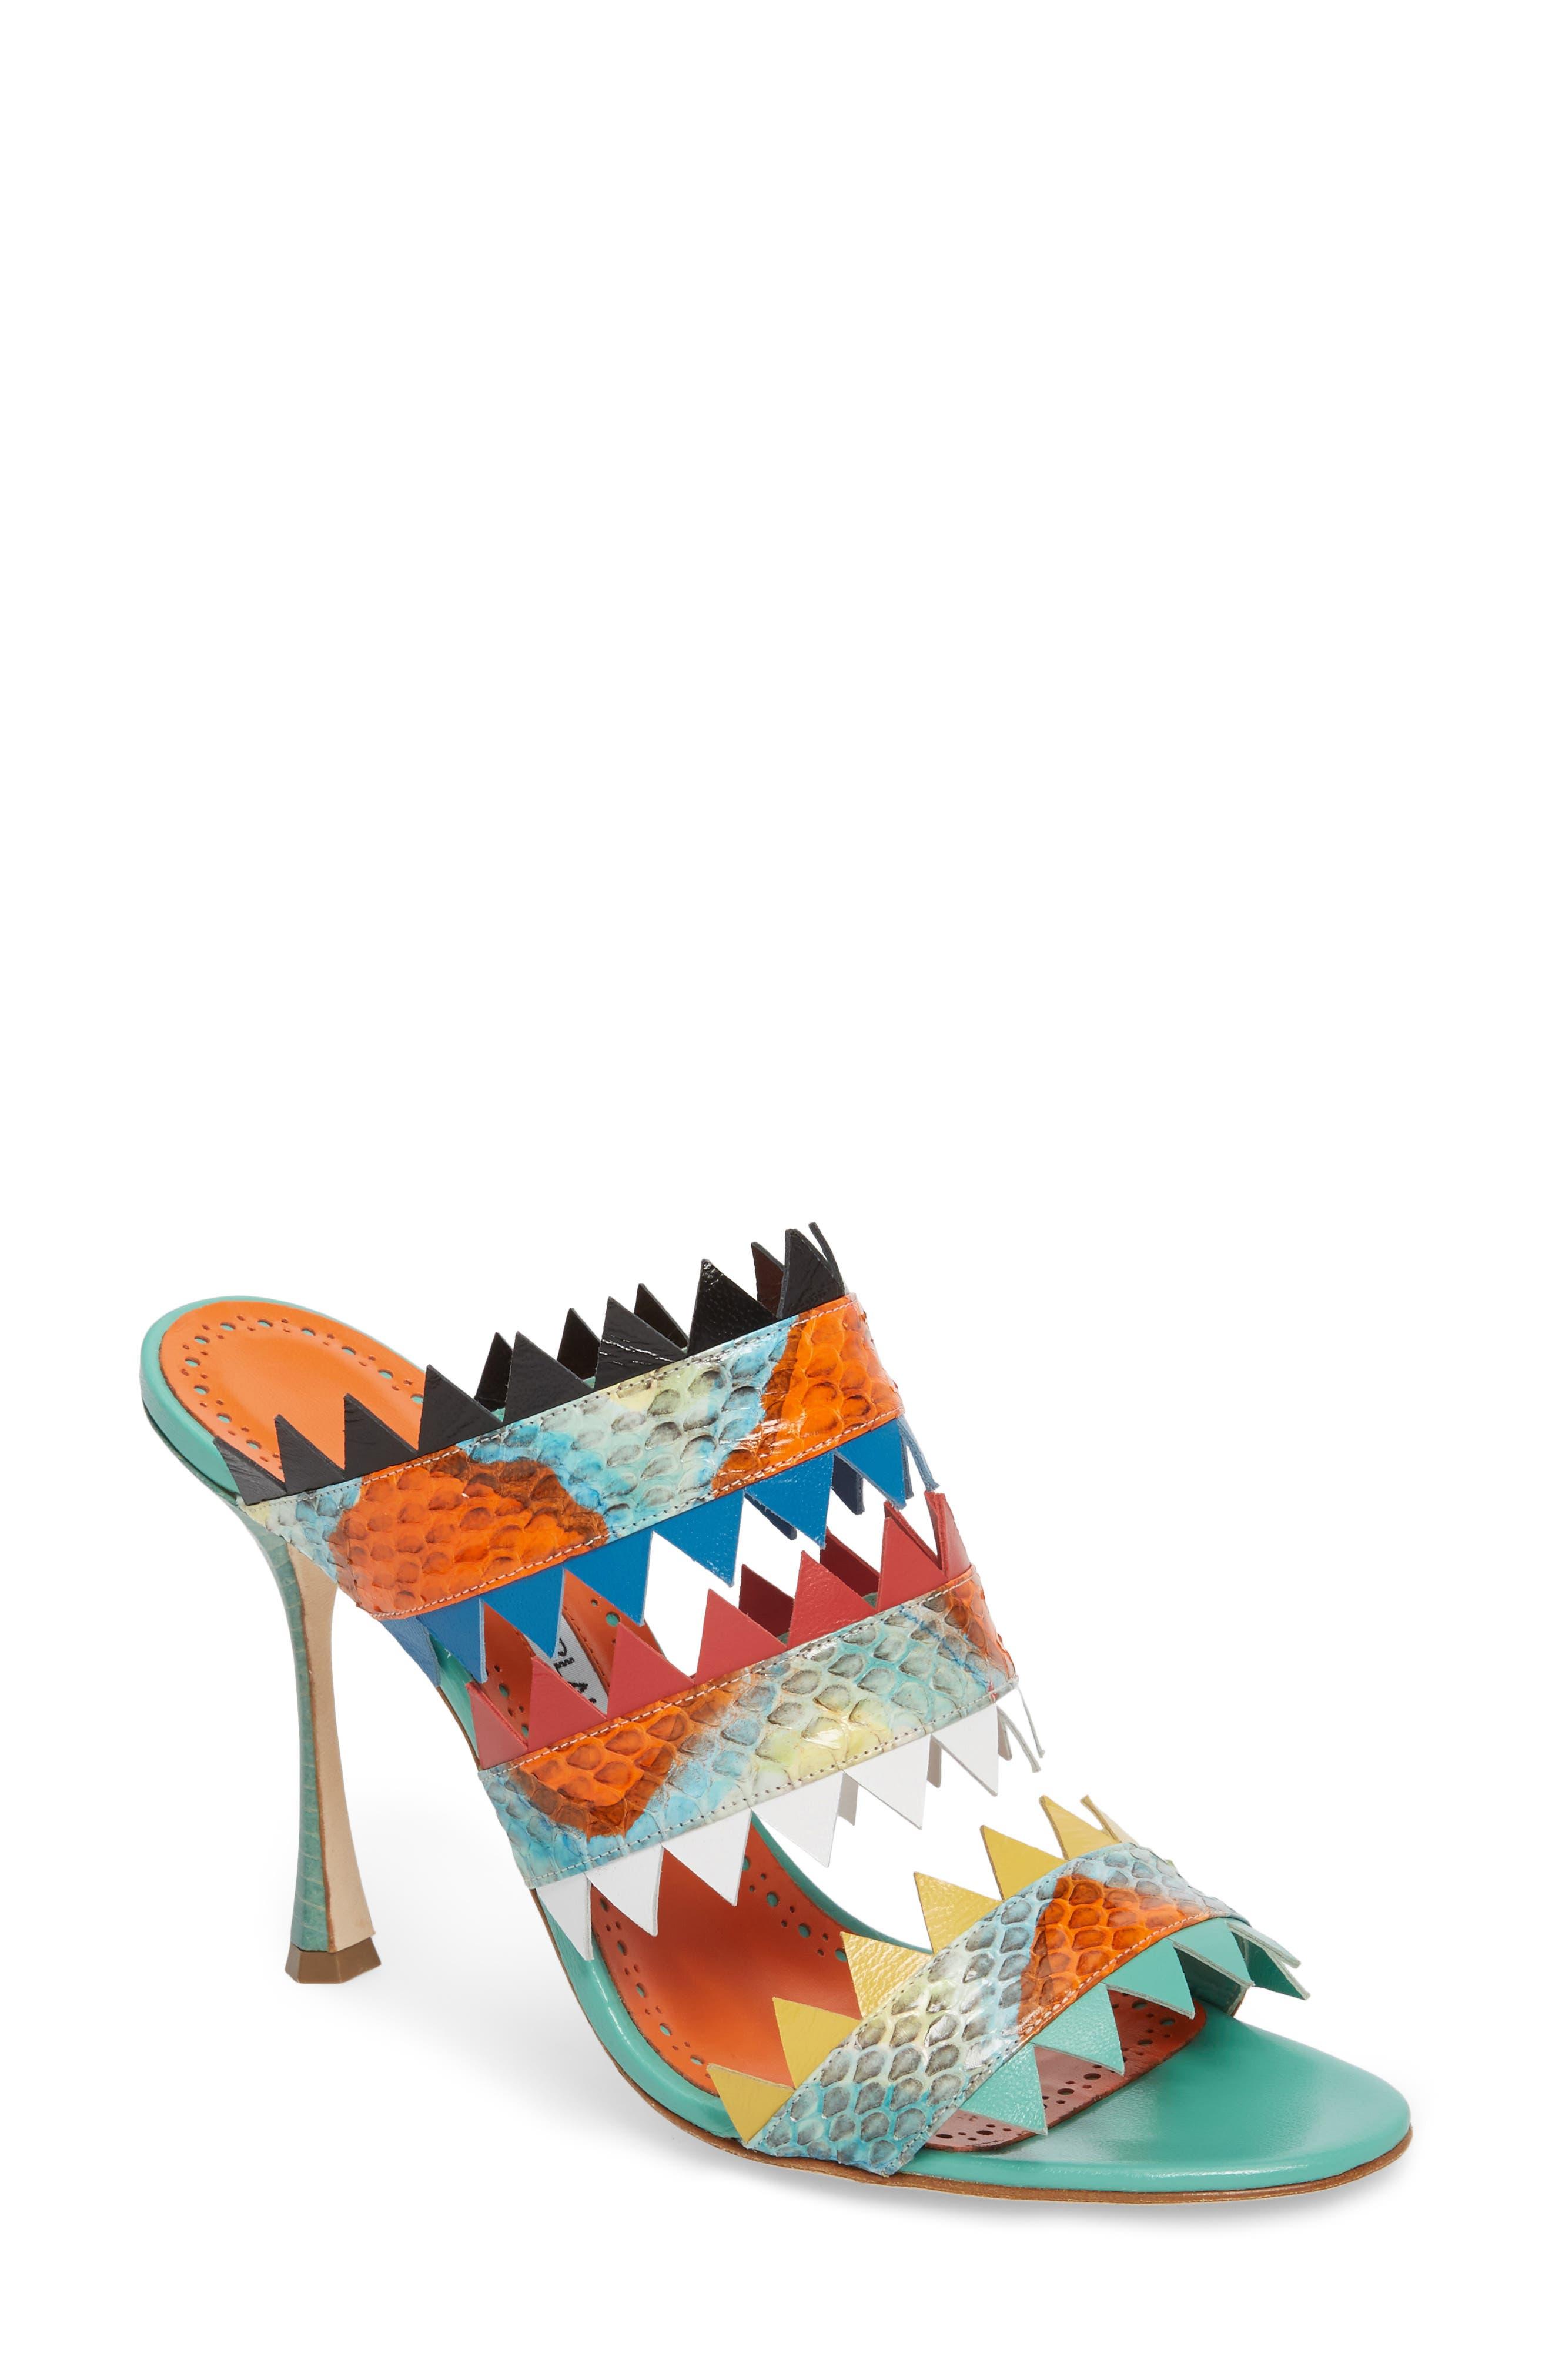 Arpege Mule Sandal,                         Main,                         color, Watersnake Multi